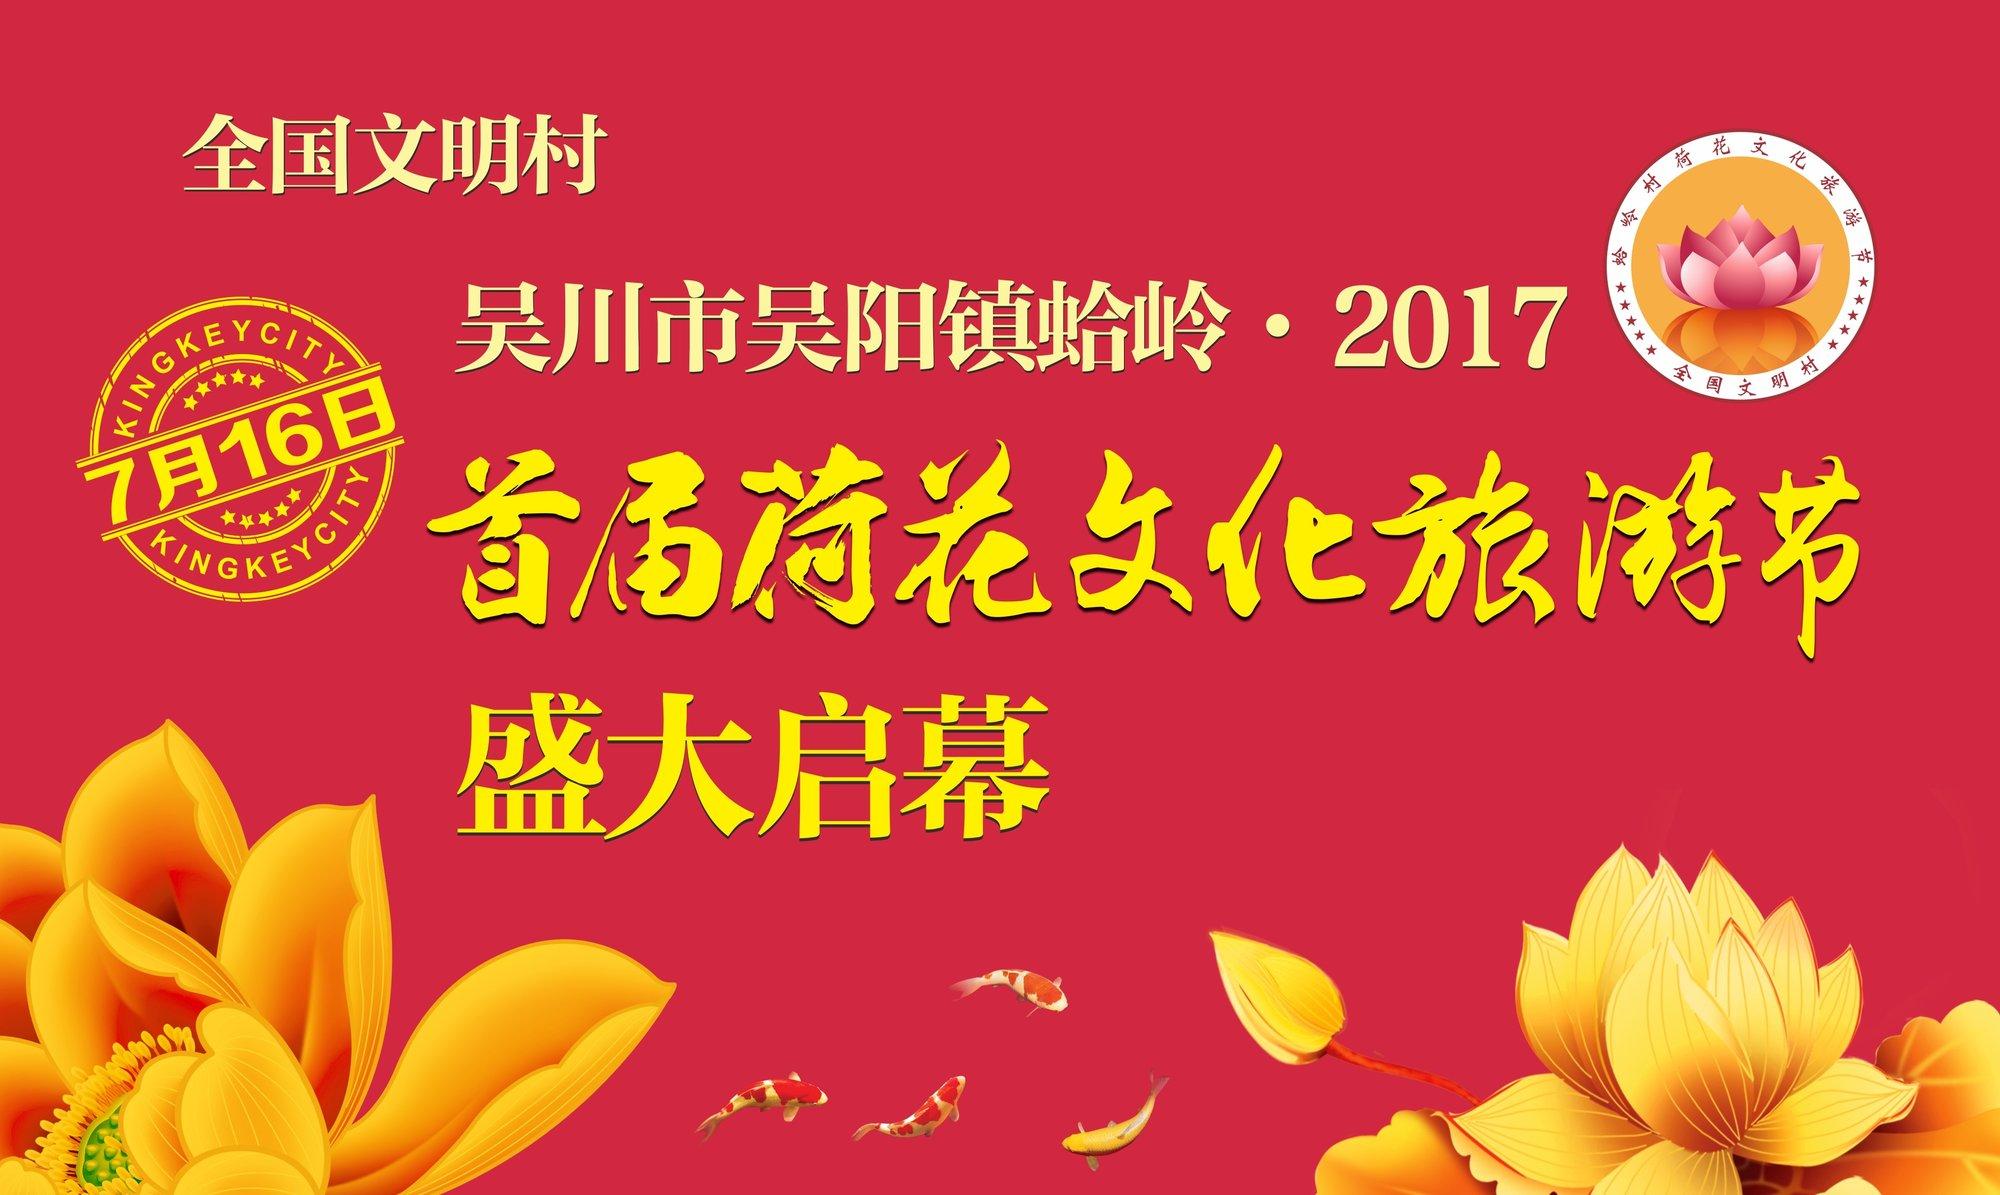 百里荷香迎客来 蛤岭2017首届荷花文化旅游节盛大启幕